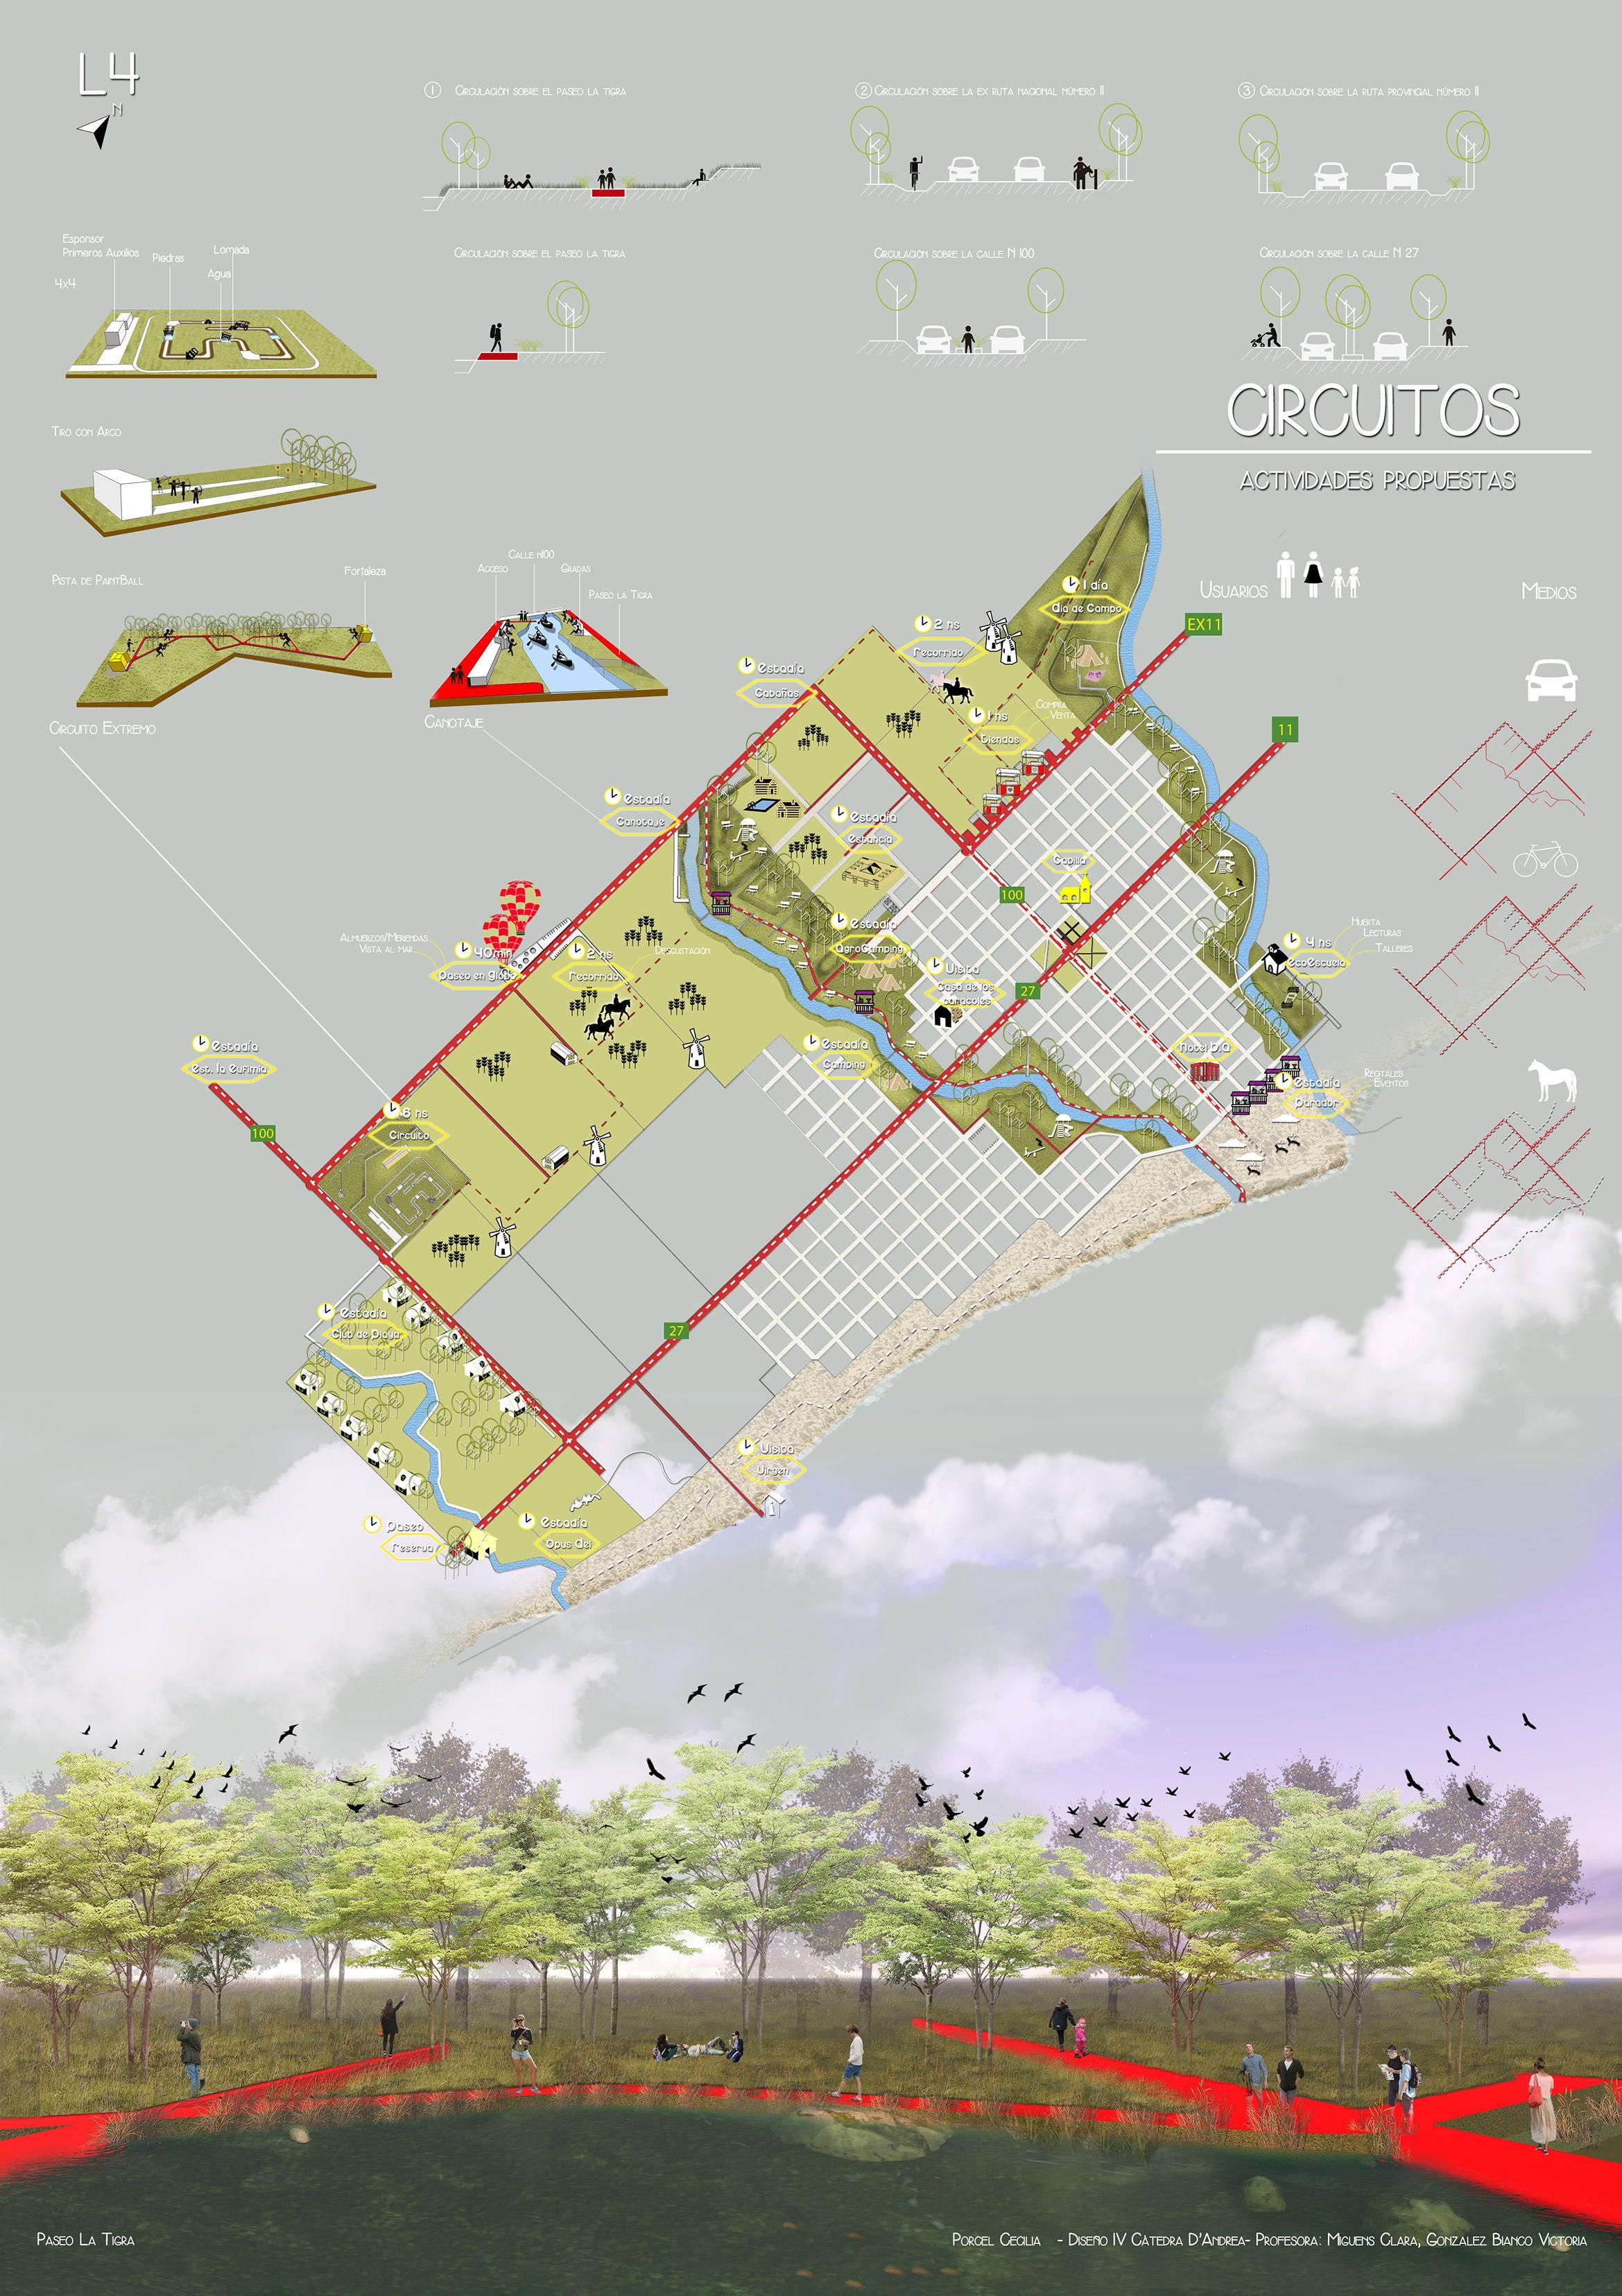 Circuito Turistico : Elaboración de cada circuito turístico para la ciudad de mar del